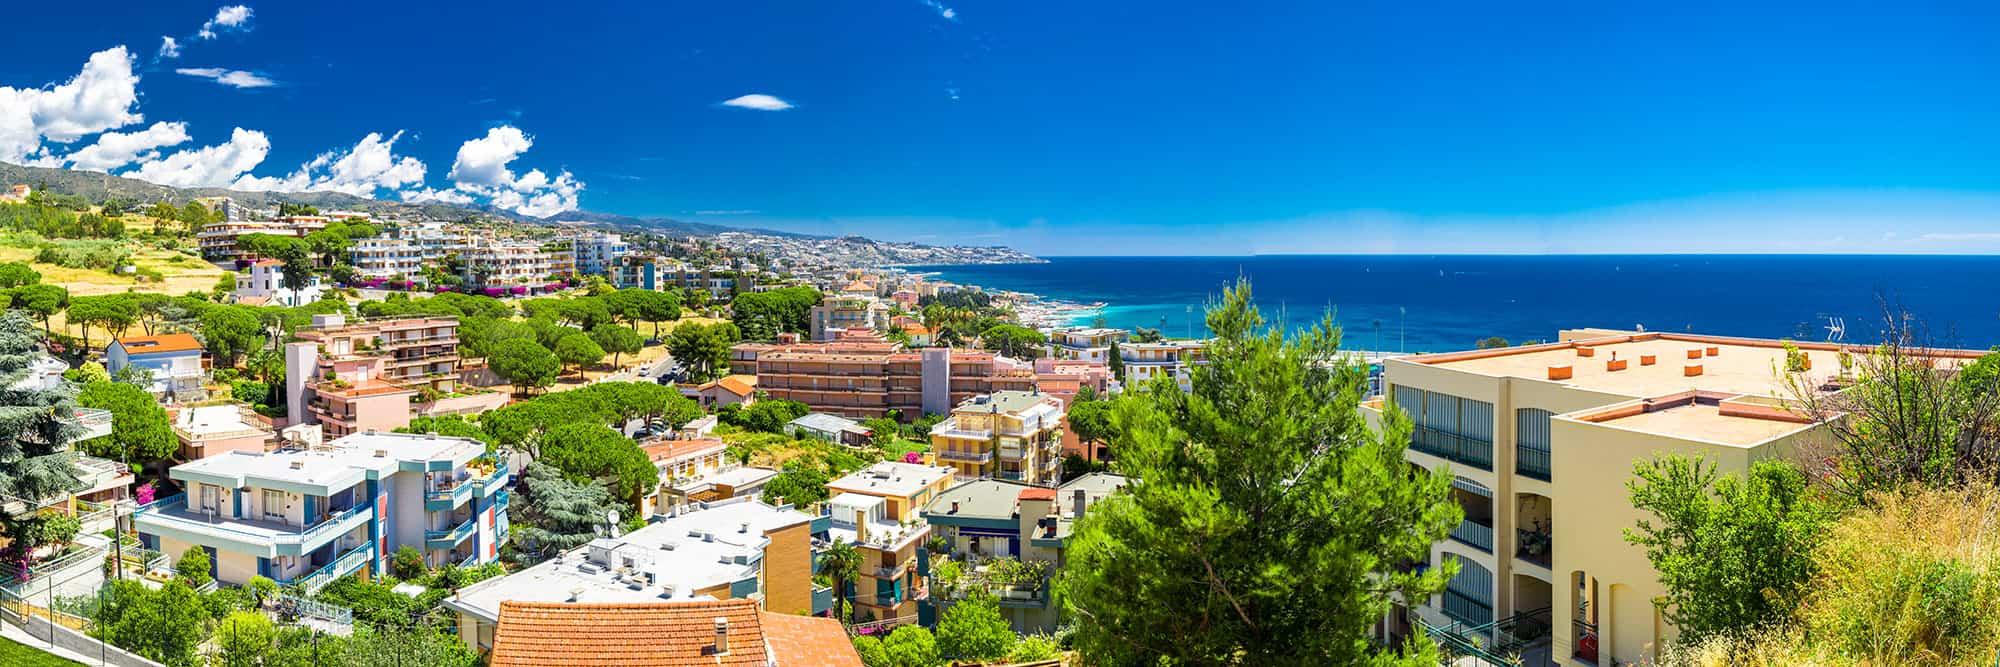 Sanremo: Vista panoramica della città - © Vaghis - viaggi & turismo Italia - Tutti i diritti riservati